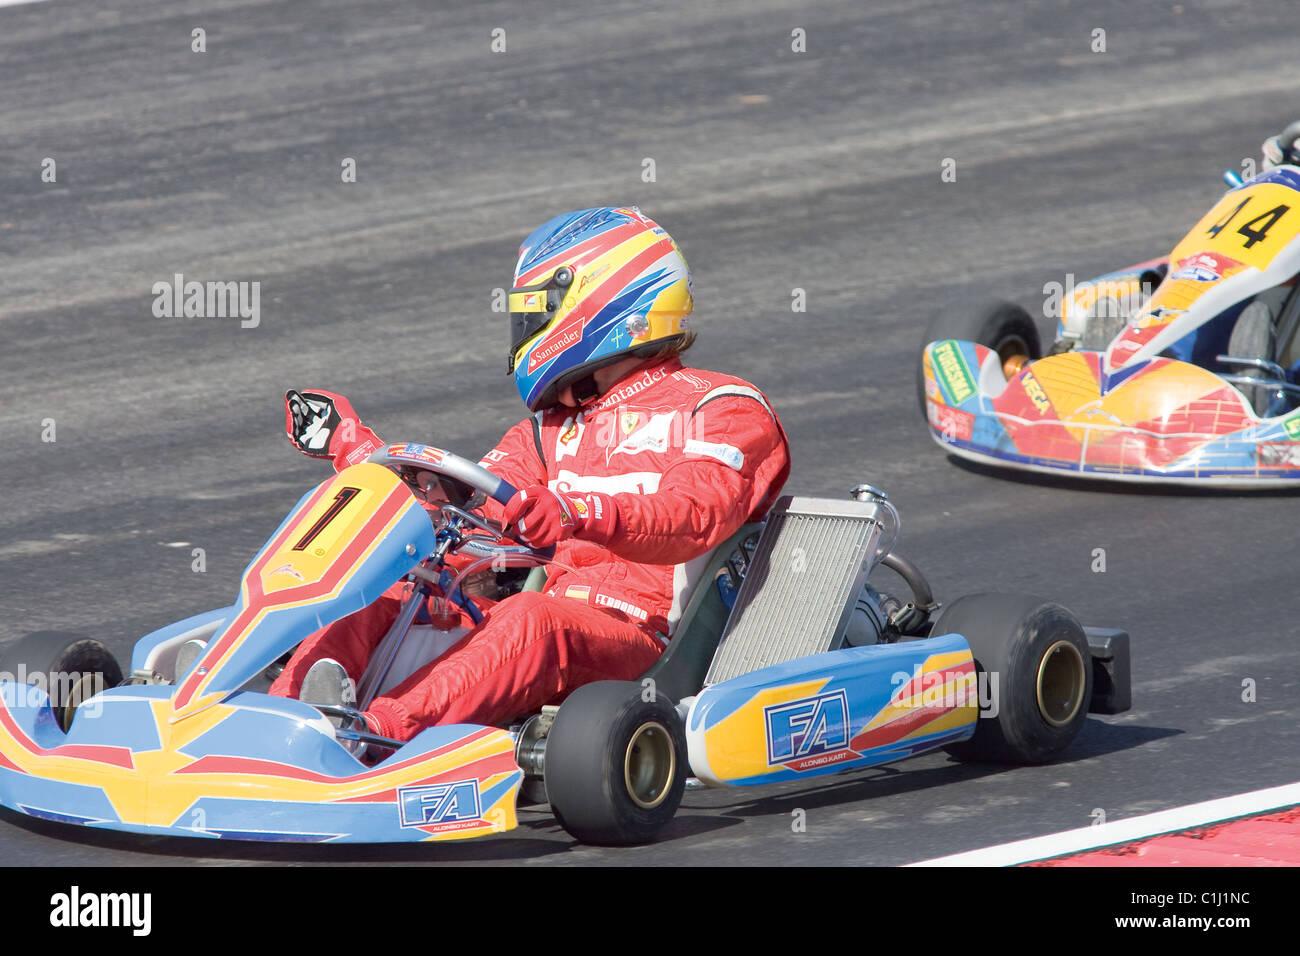 Circuito Karts Fernando Alonso : Circuito de karting fernando alonso prueba asfalto en